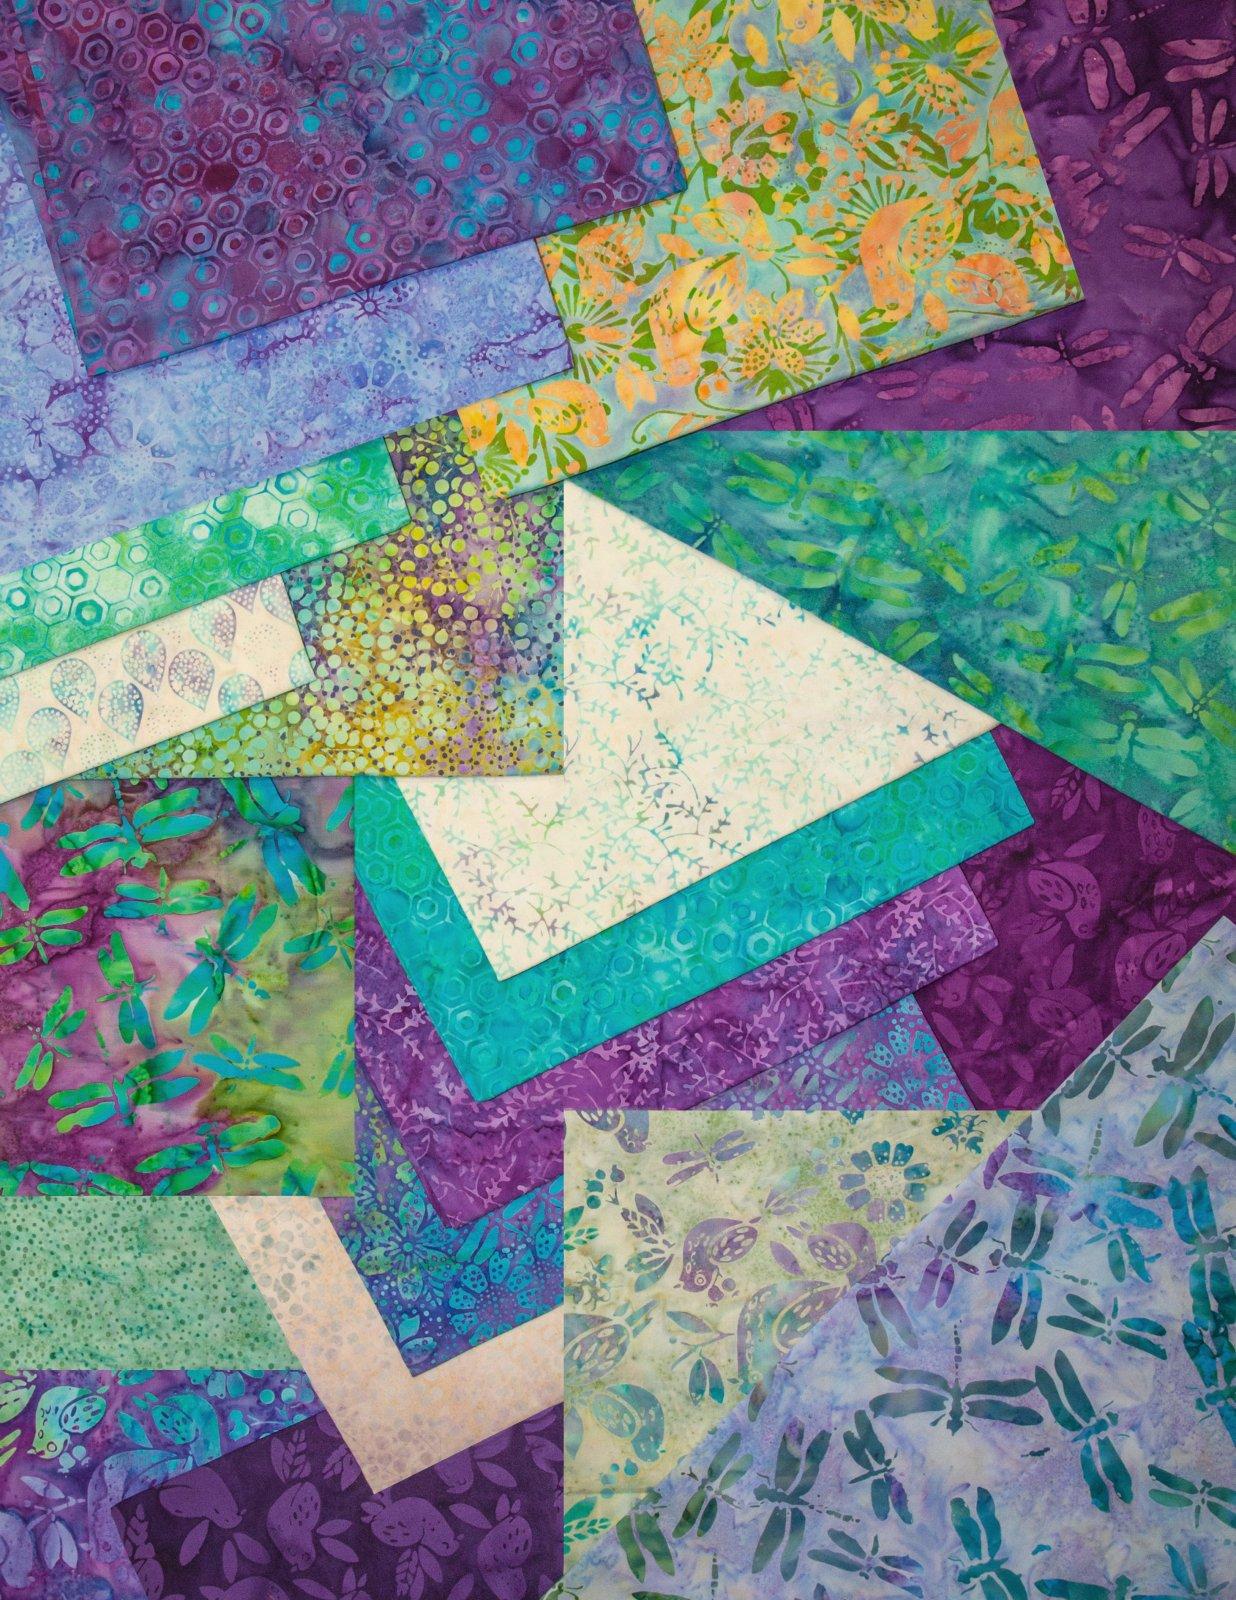 Lavendula 10 Square Stack